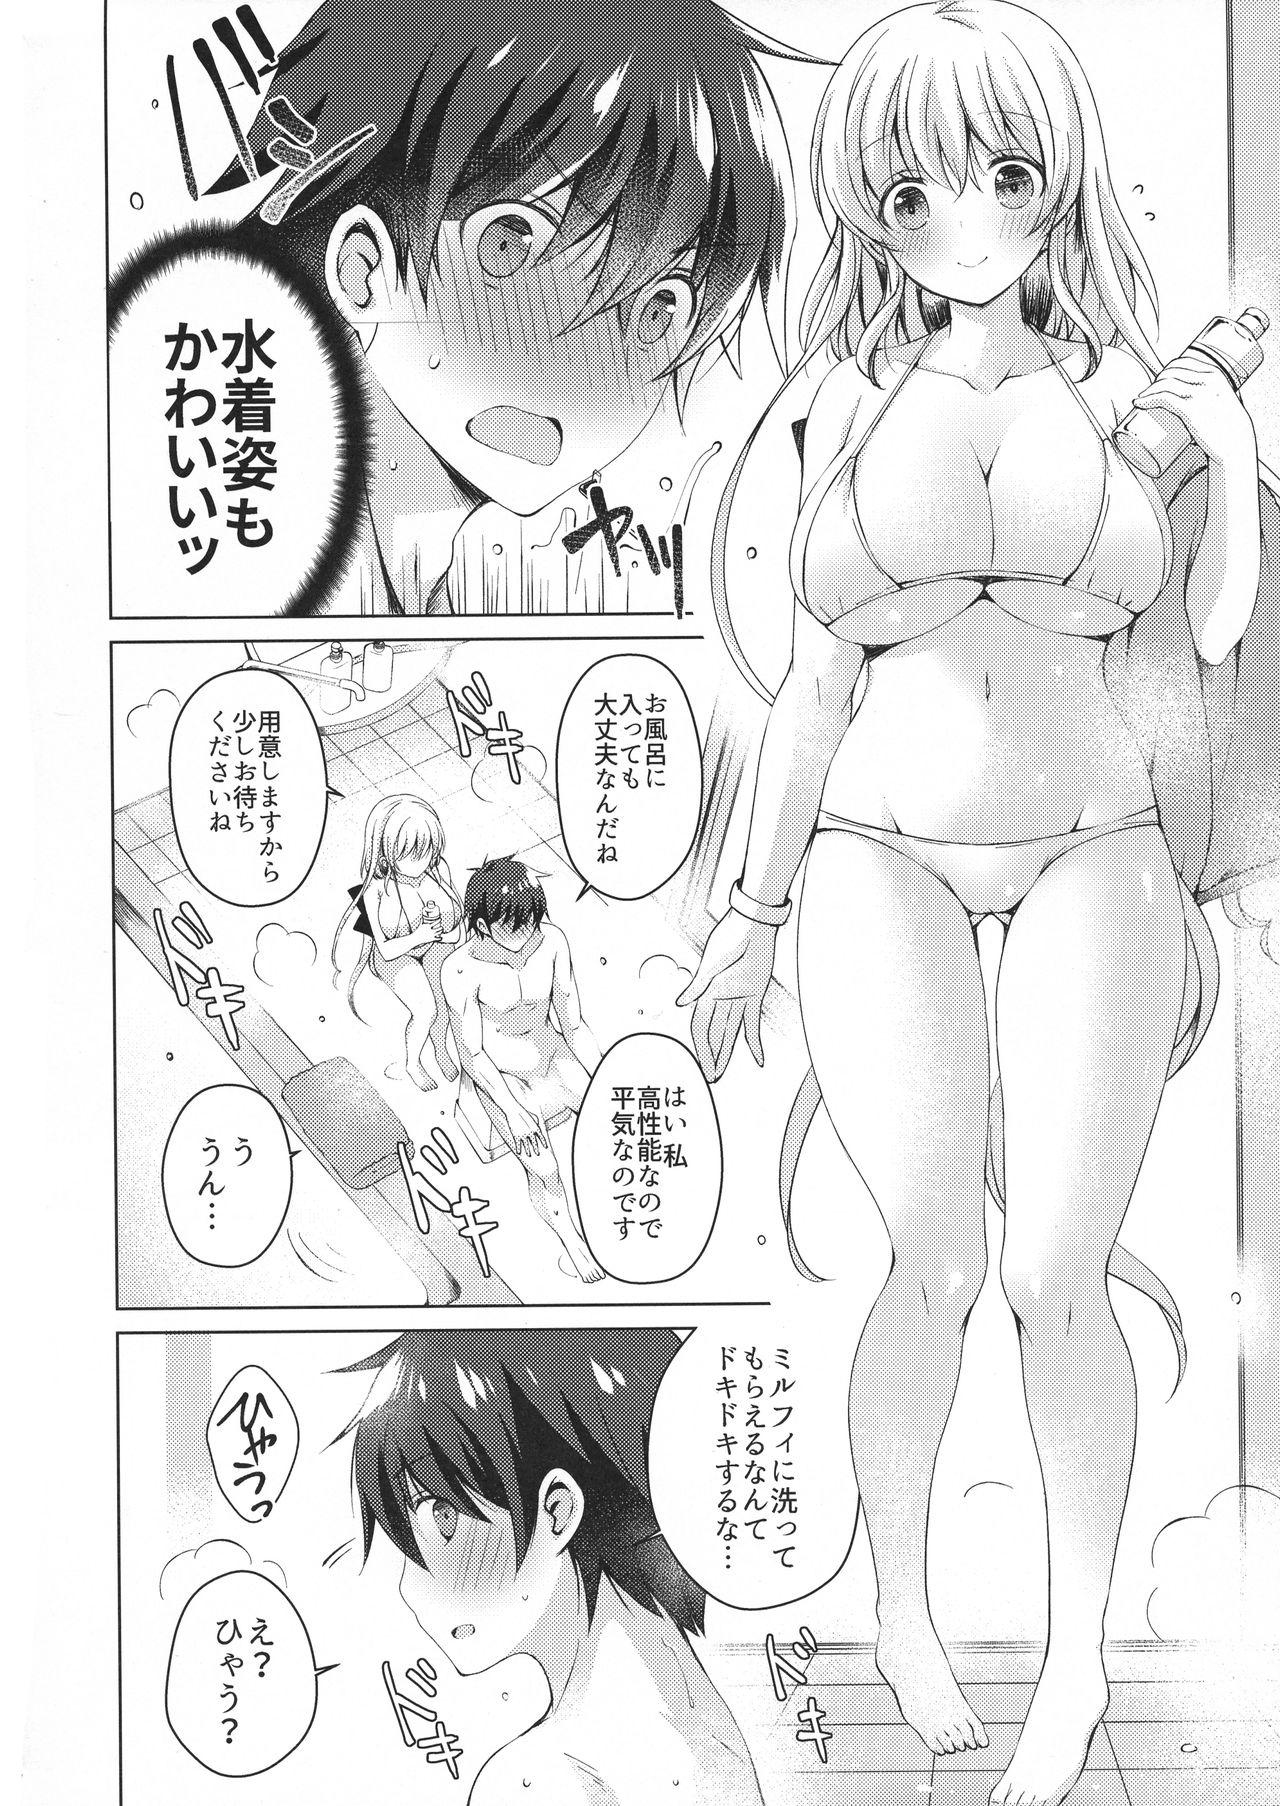 Android no Watashi ni Nenryou Hokyuu shite Kudasai 3 4